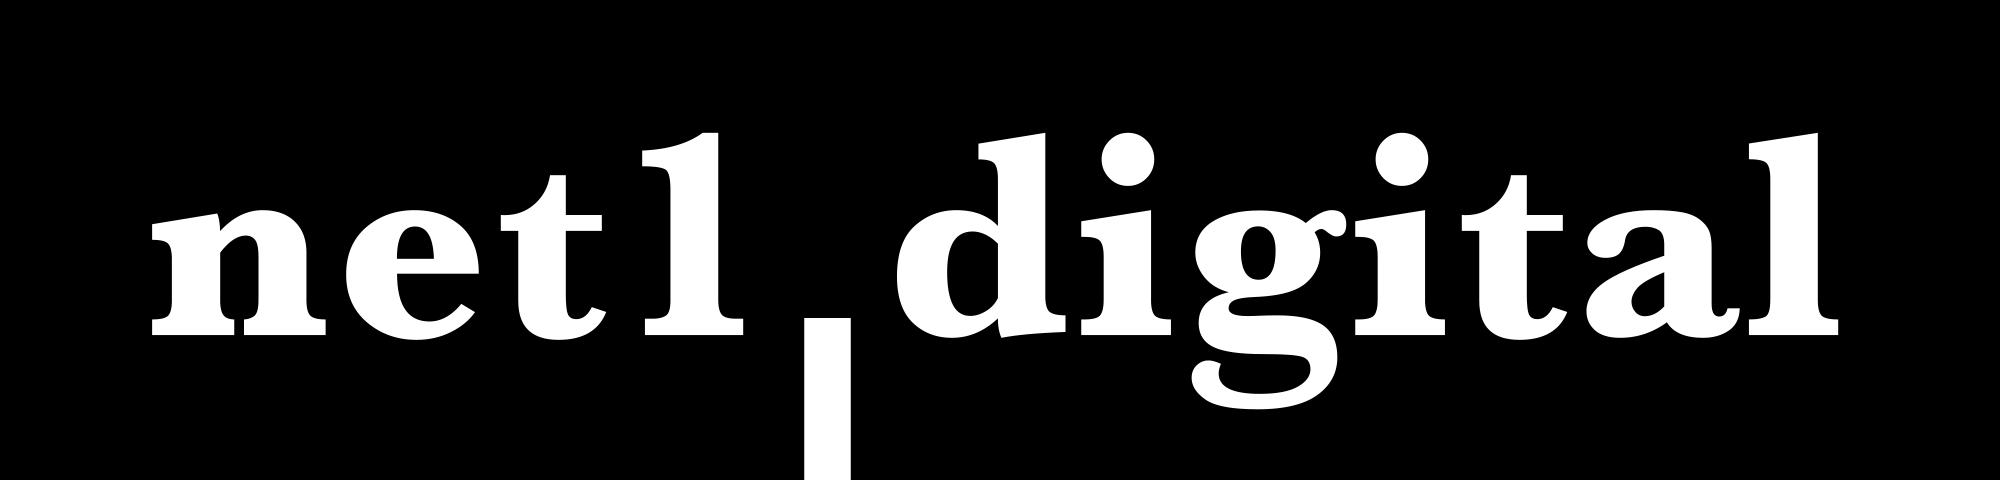 net1digital-logo-v2-1.png